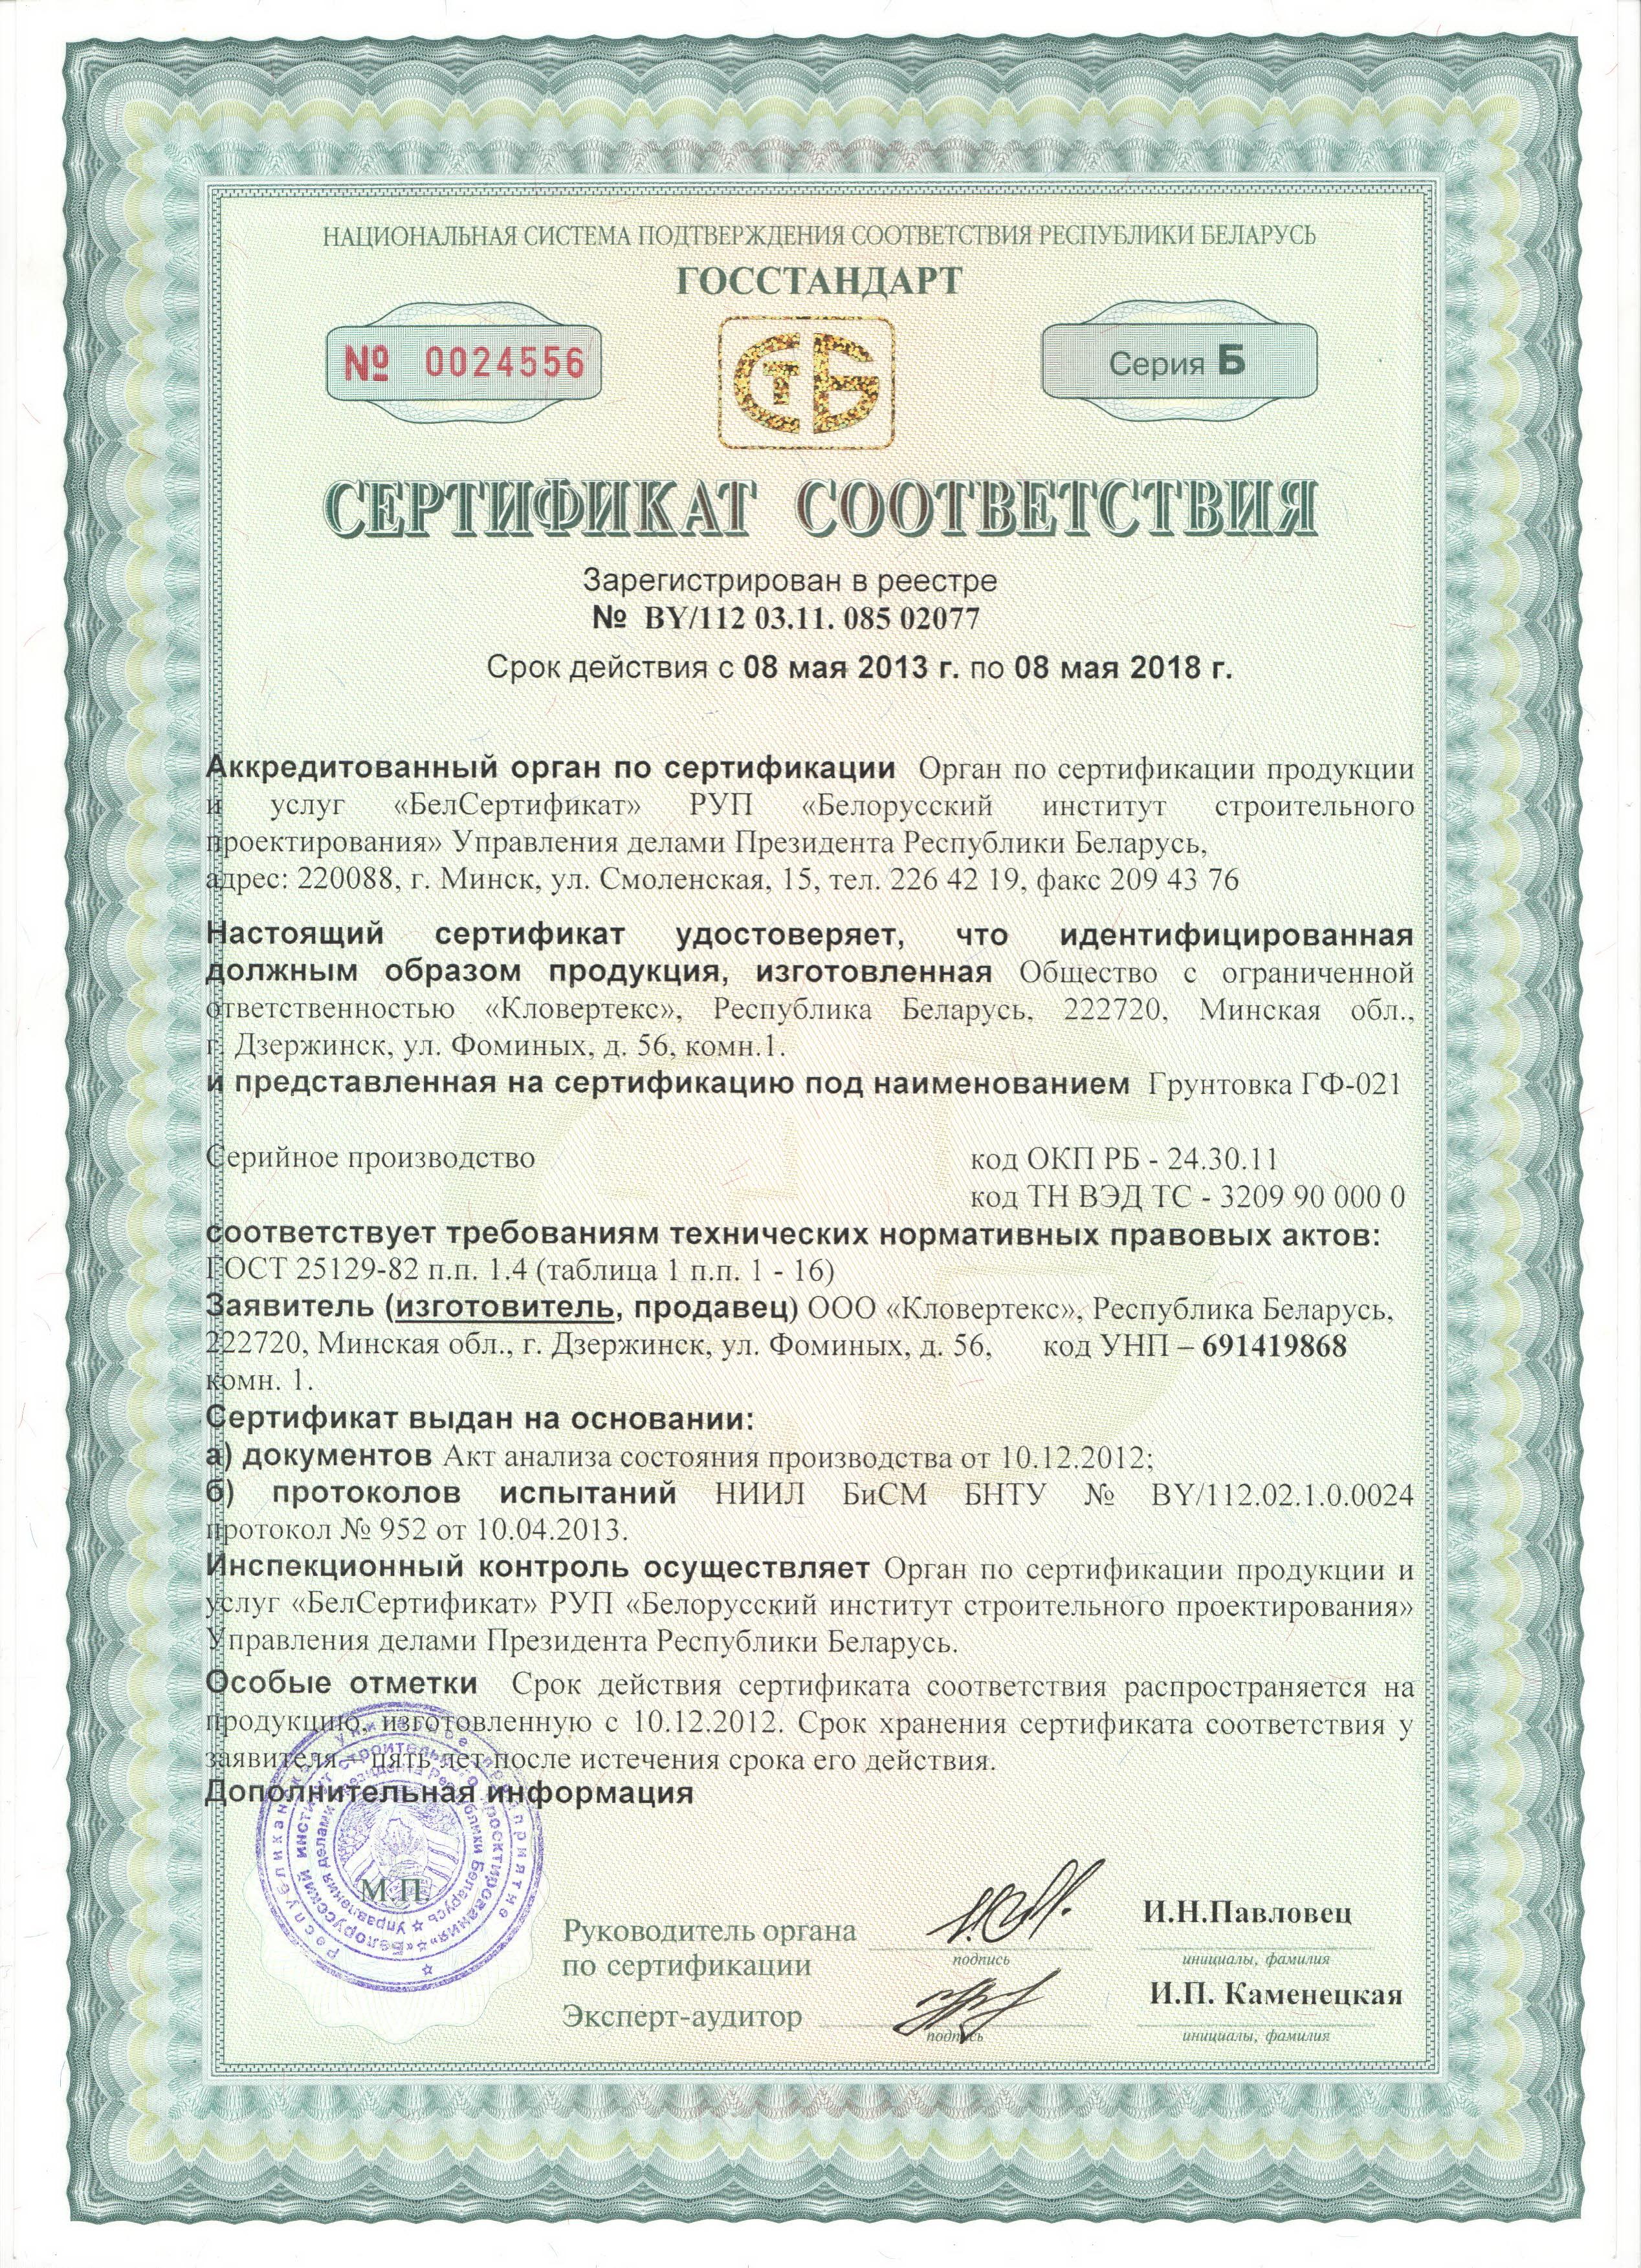 ГРУНТОВКА ГФ 021 СЕРТИФИКАТ СООТВЕТСТВИЯ СКАЧАТЬ БЕСПЛАТНО